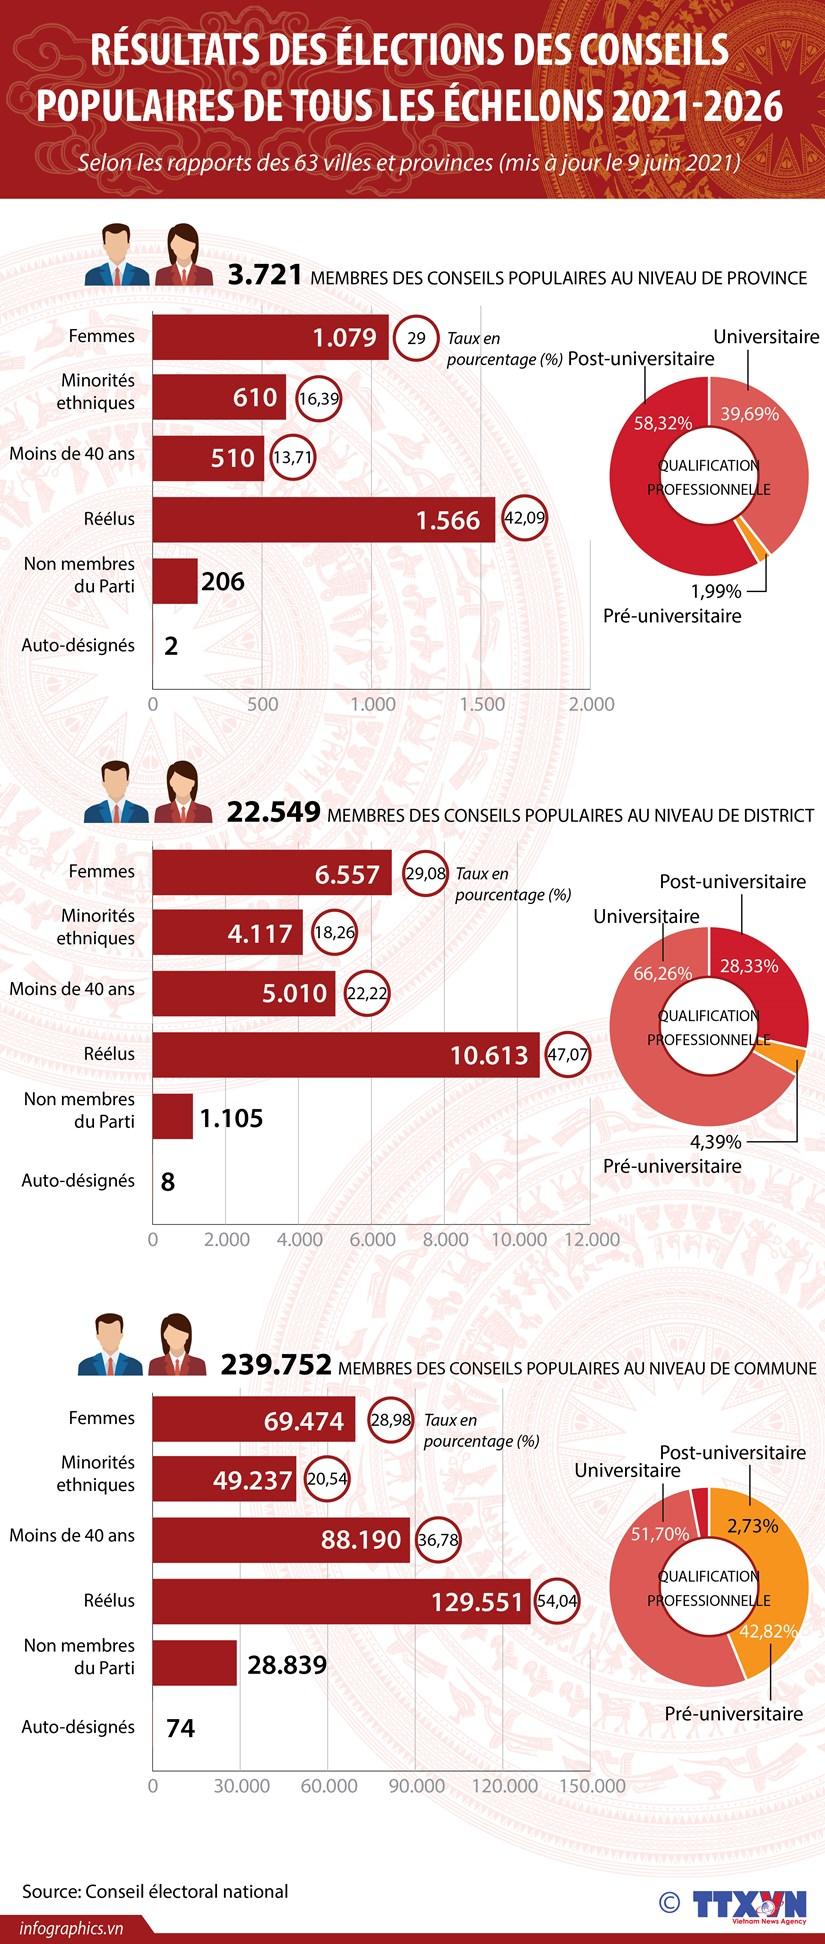 Resultats des elections des conseils populaires de tous les echelons 2021-2026 hinh anh 1